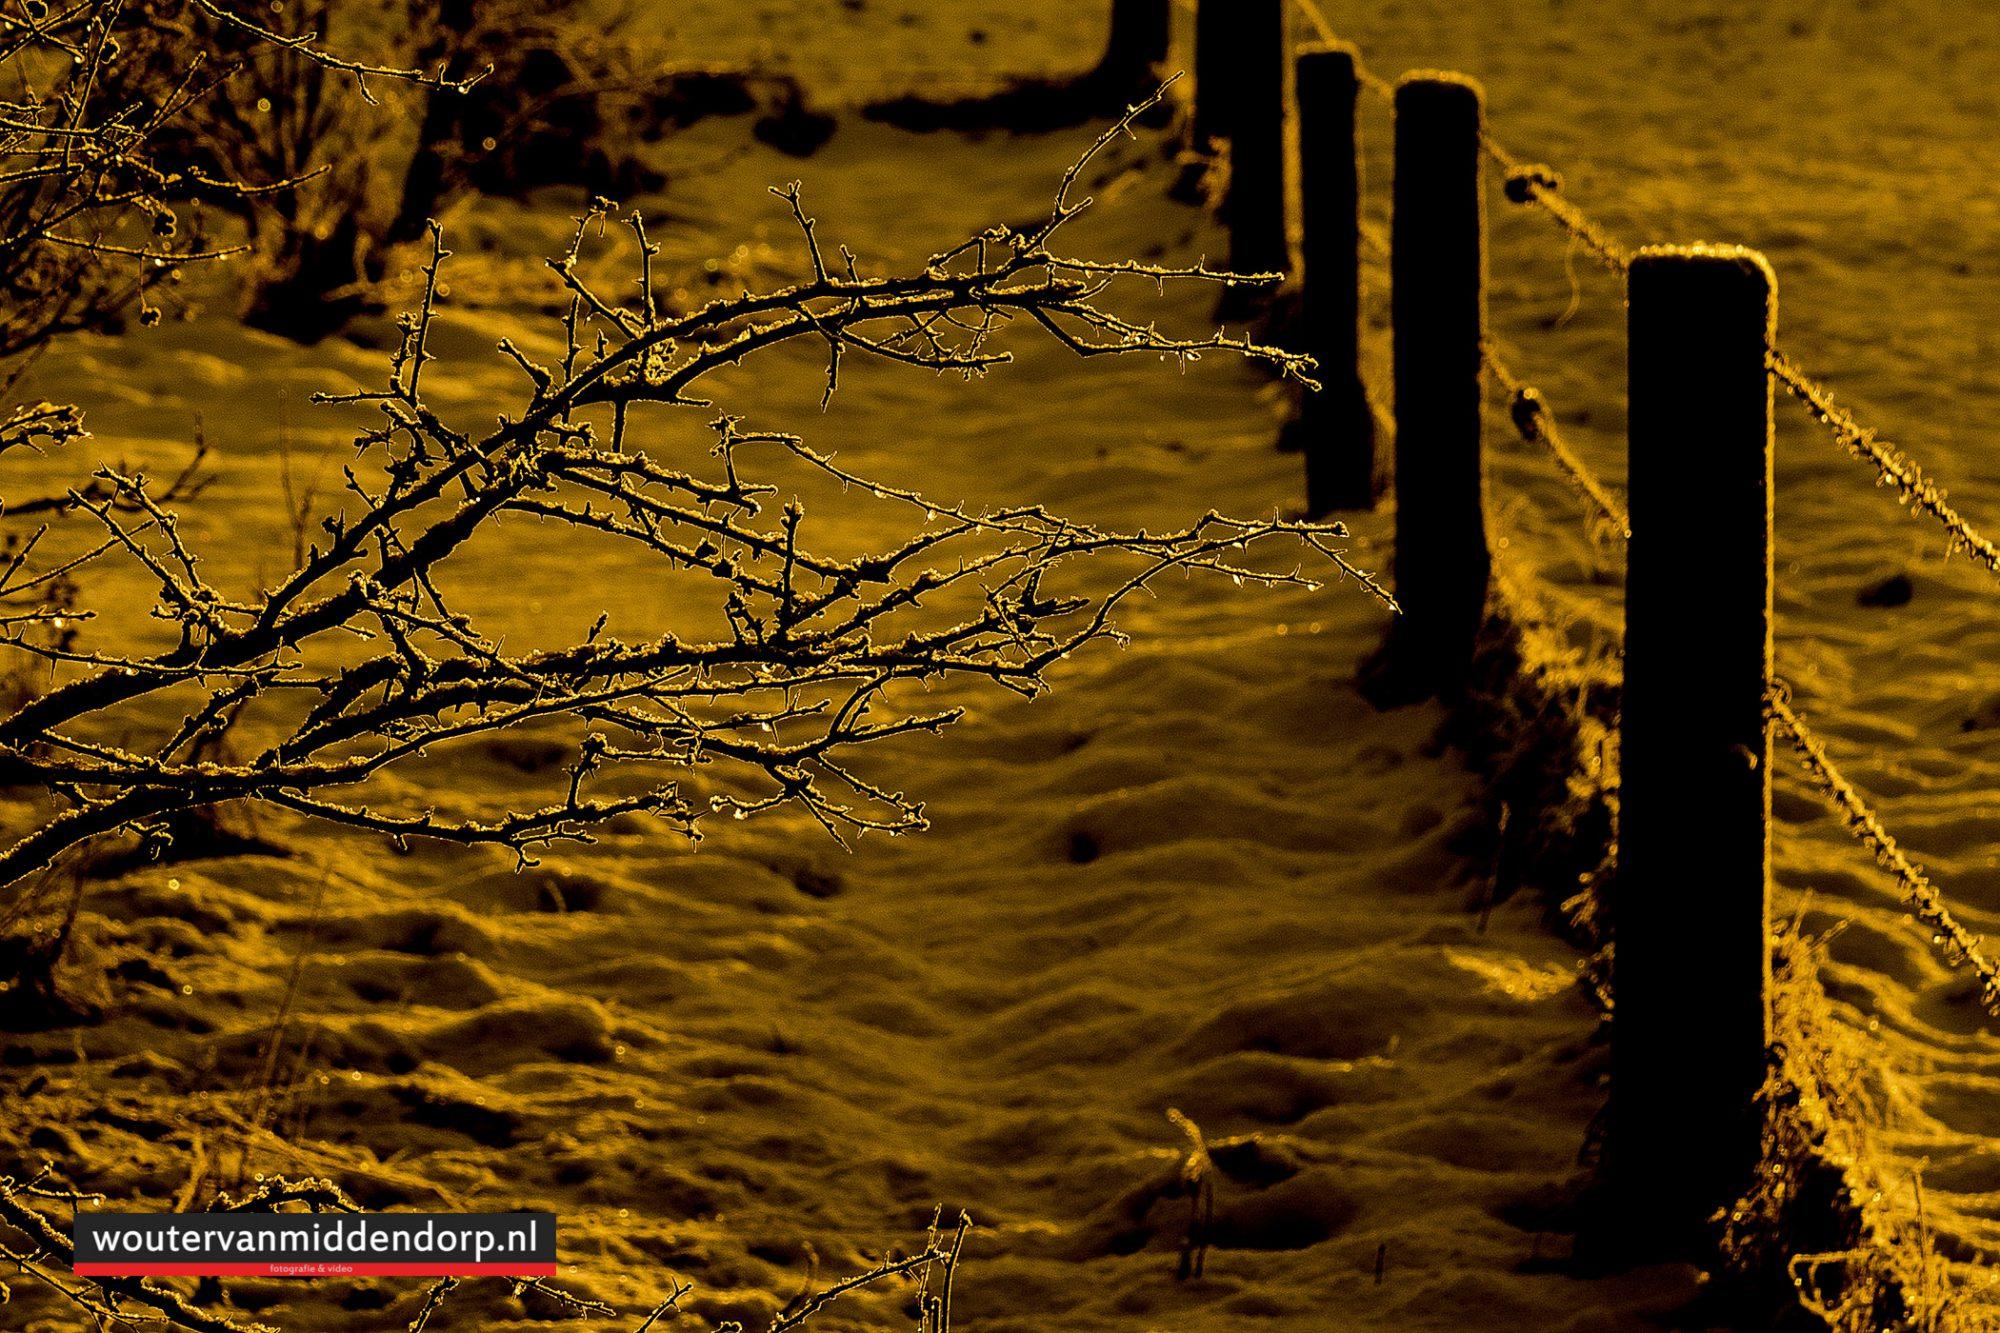 natuurfotografie-124